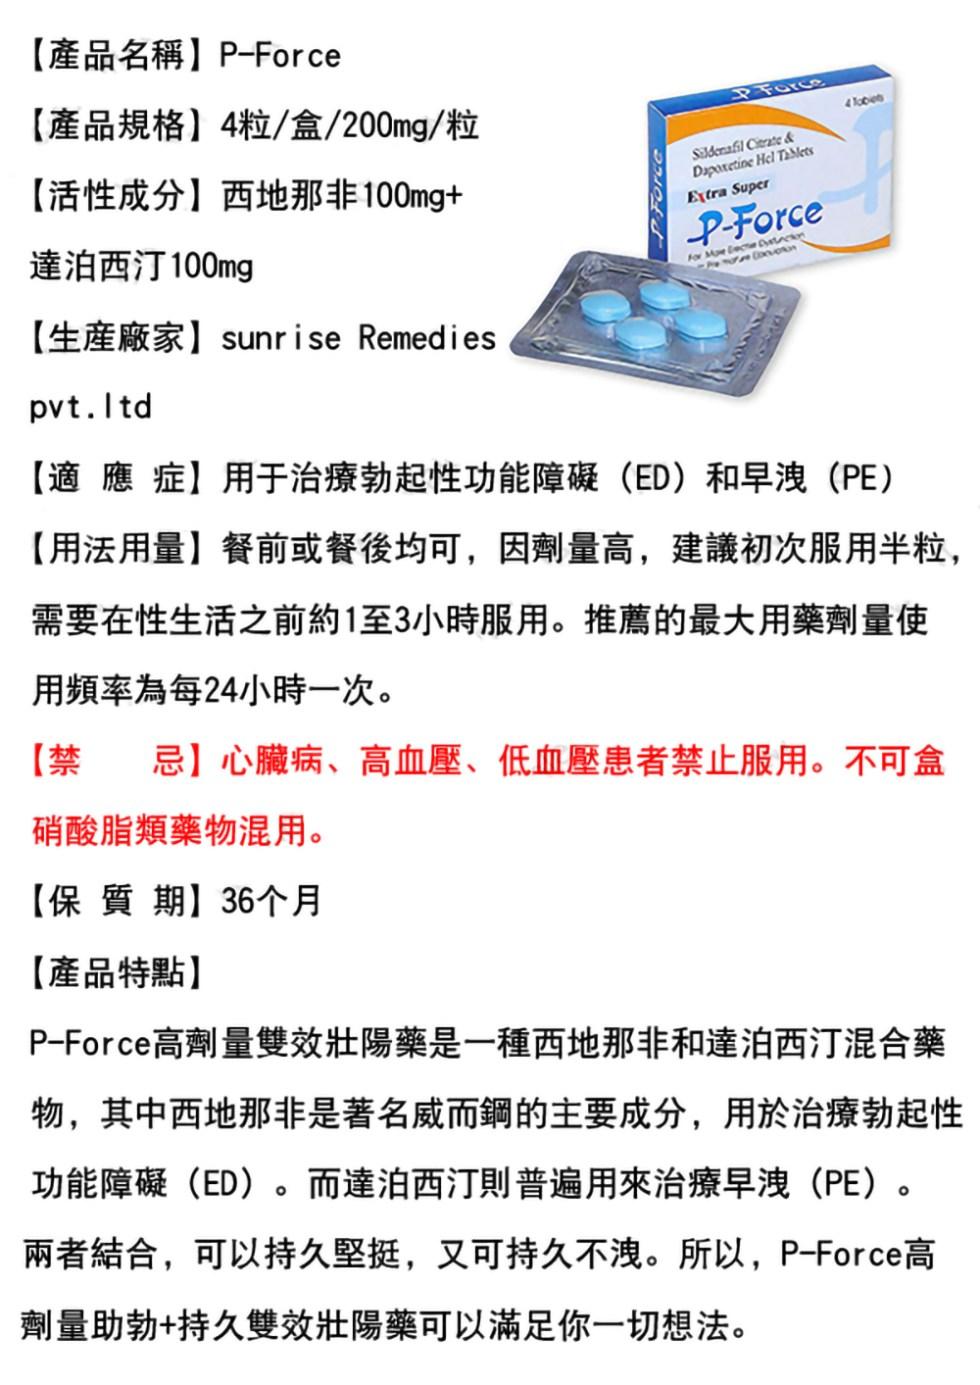 「必利吉」印度雙效威而鋼藥局買,效果好副作用低,p-force-7